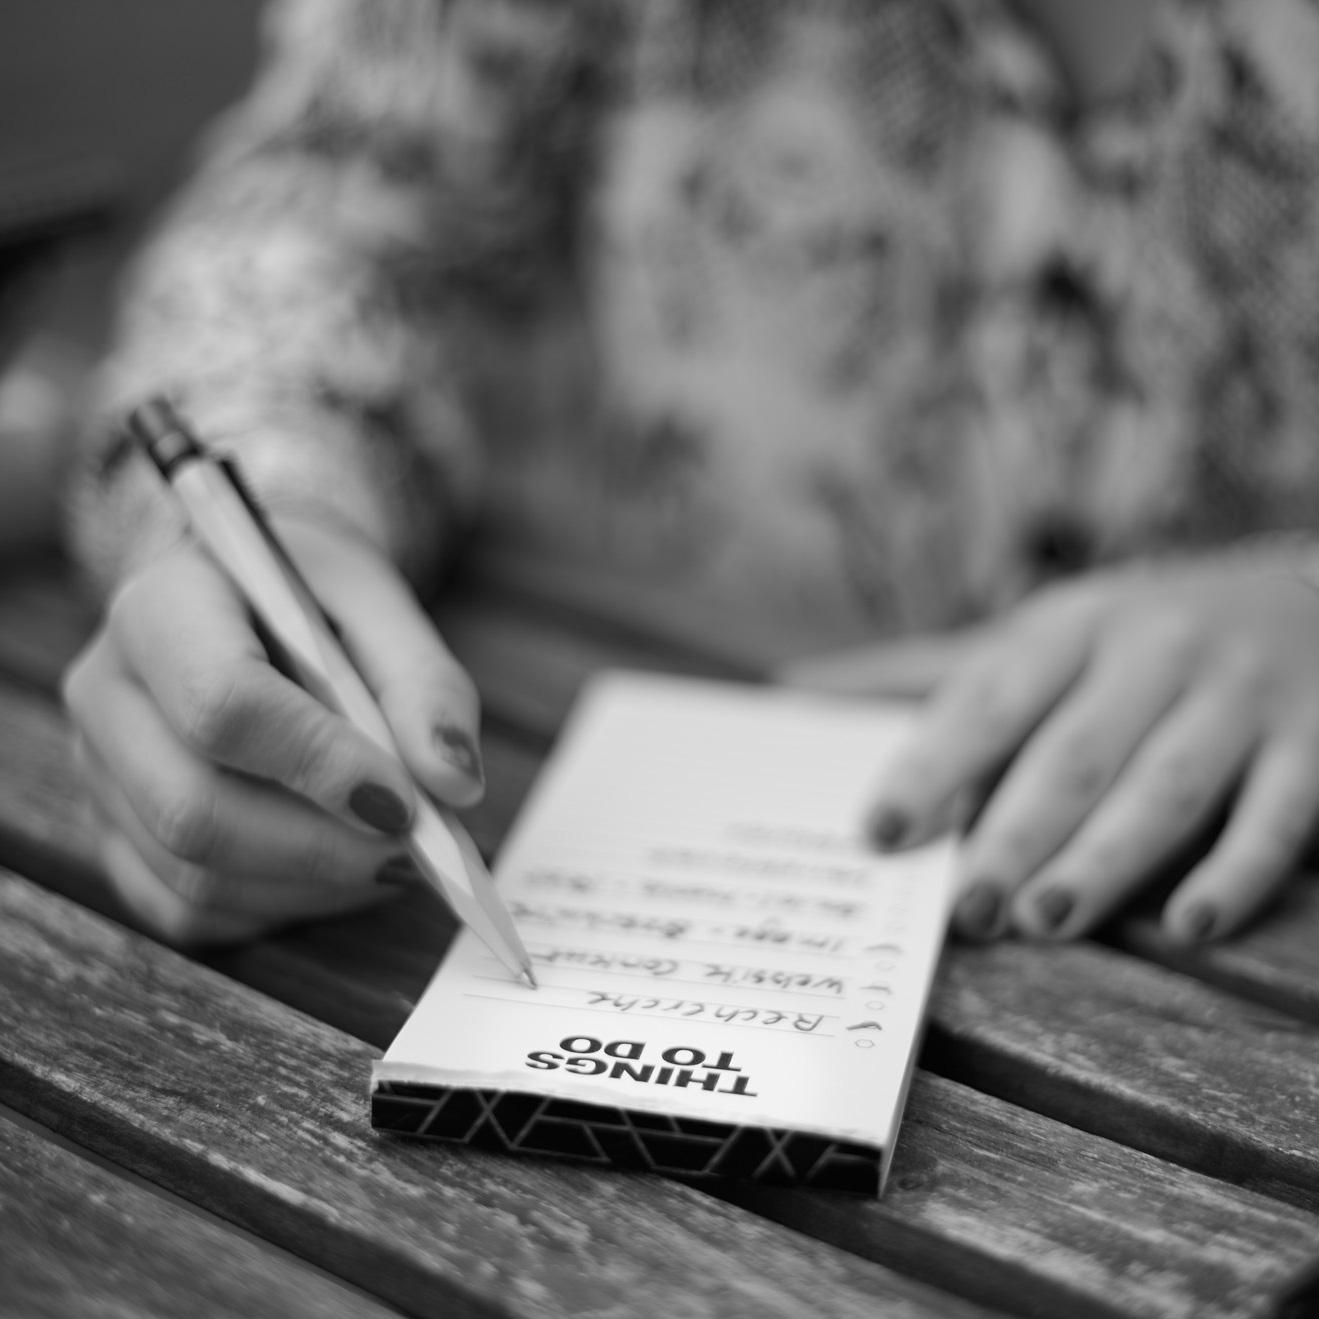 Block mit To-Do-Liste liegt auf dem Tisch und eine Hand schreibt darauf mit einem Pulli.